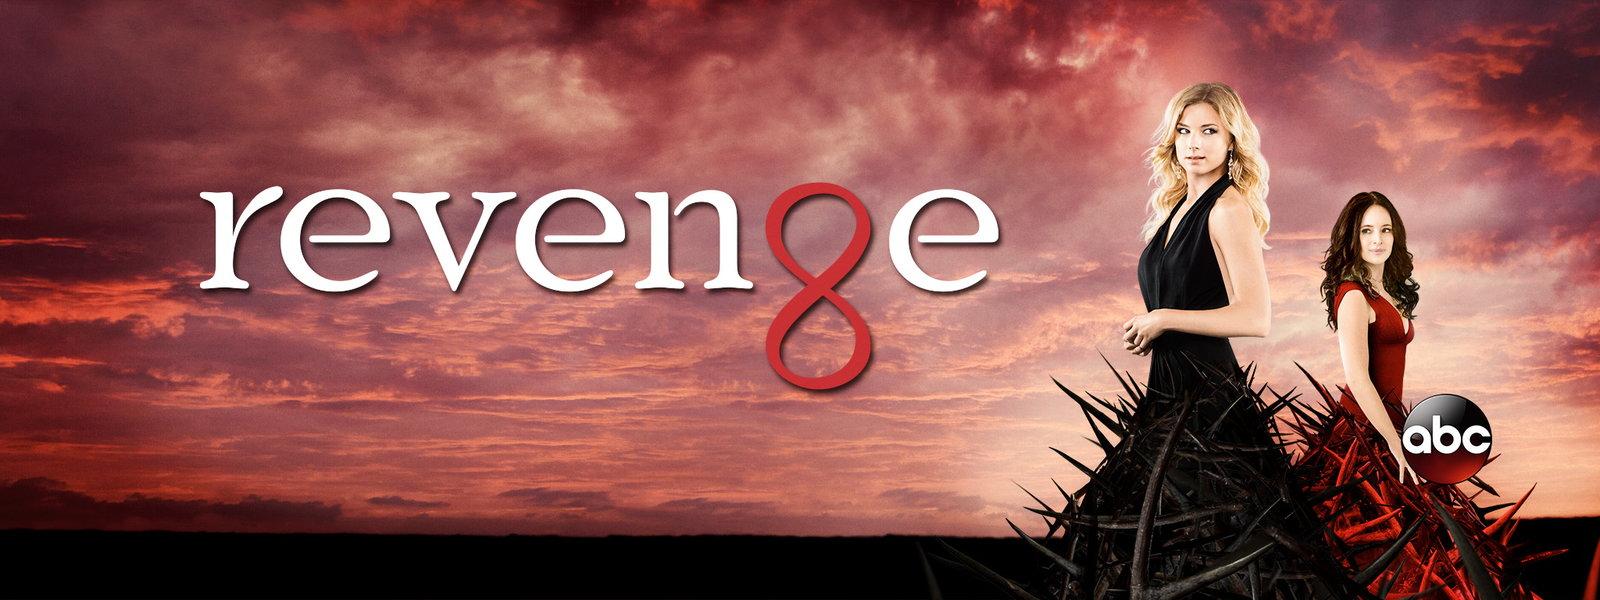 videos revenge